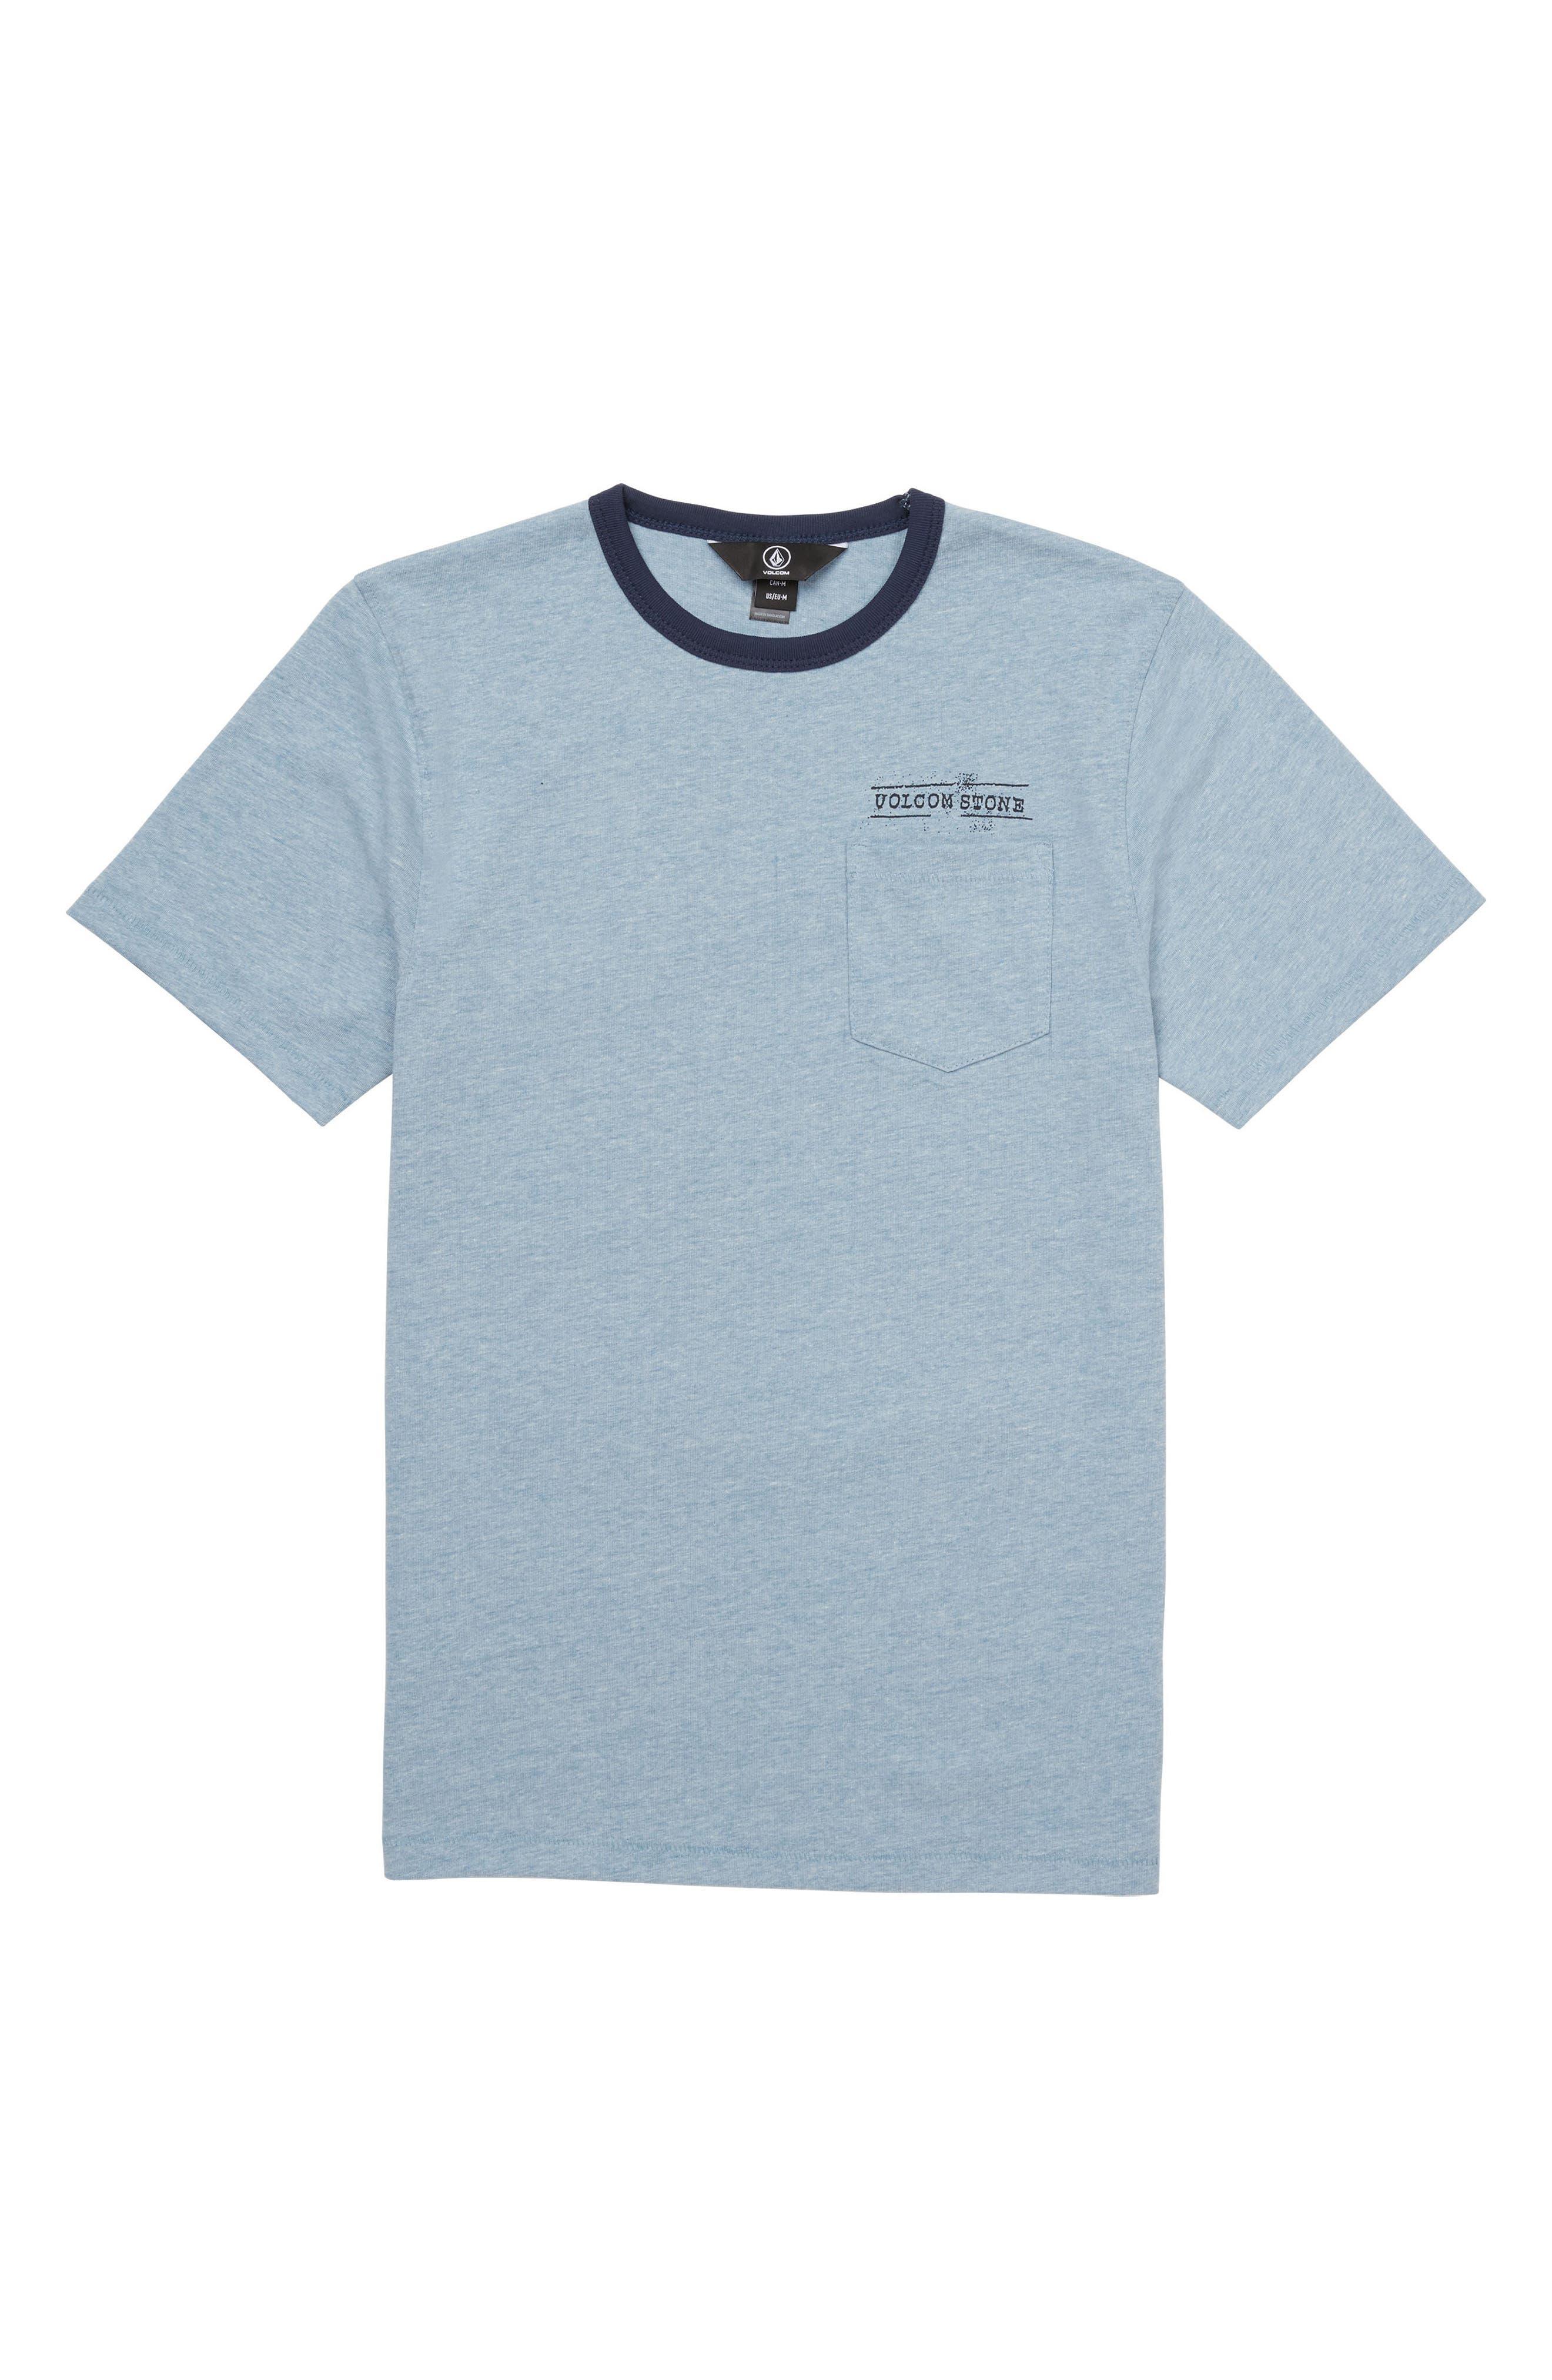 Point Place Crewneck T-Shirt,                         Main,                         color, 405